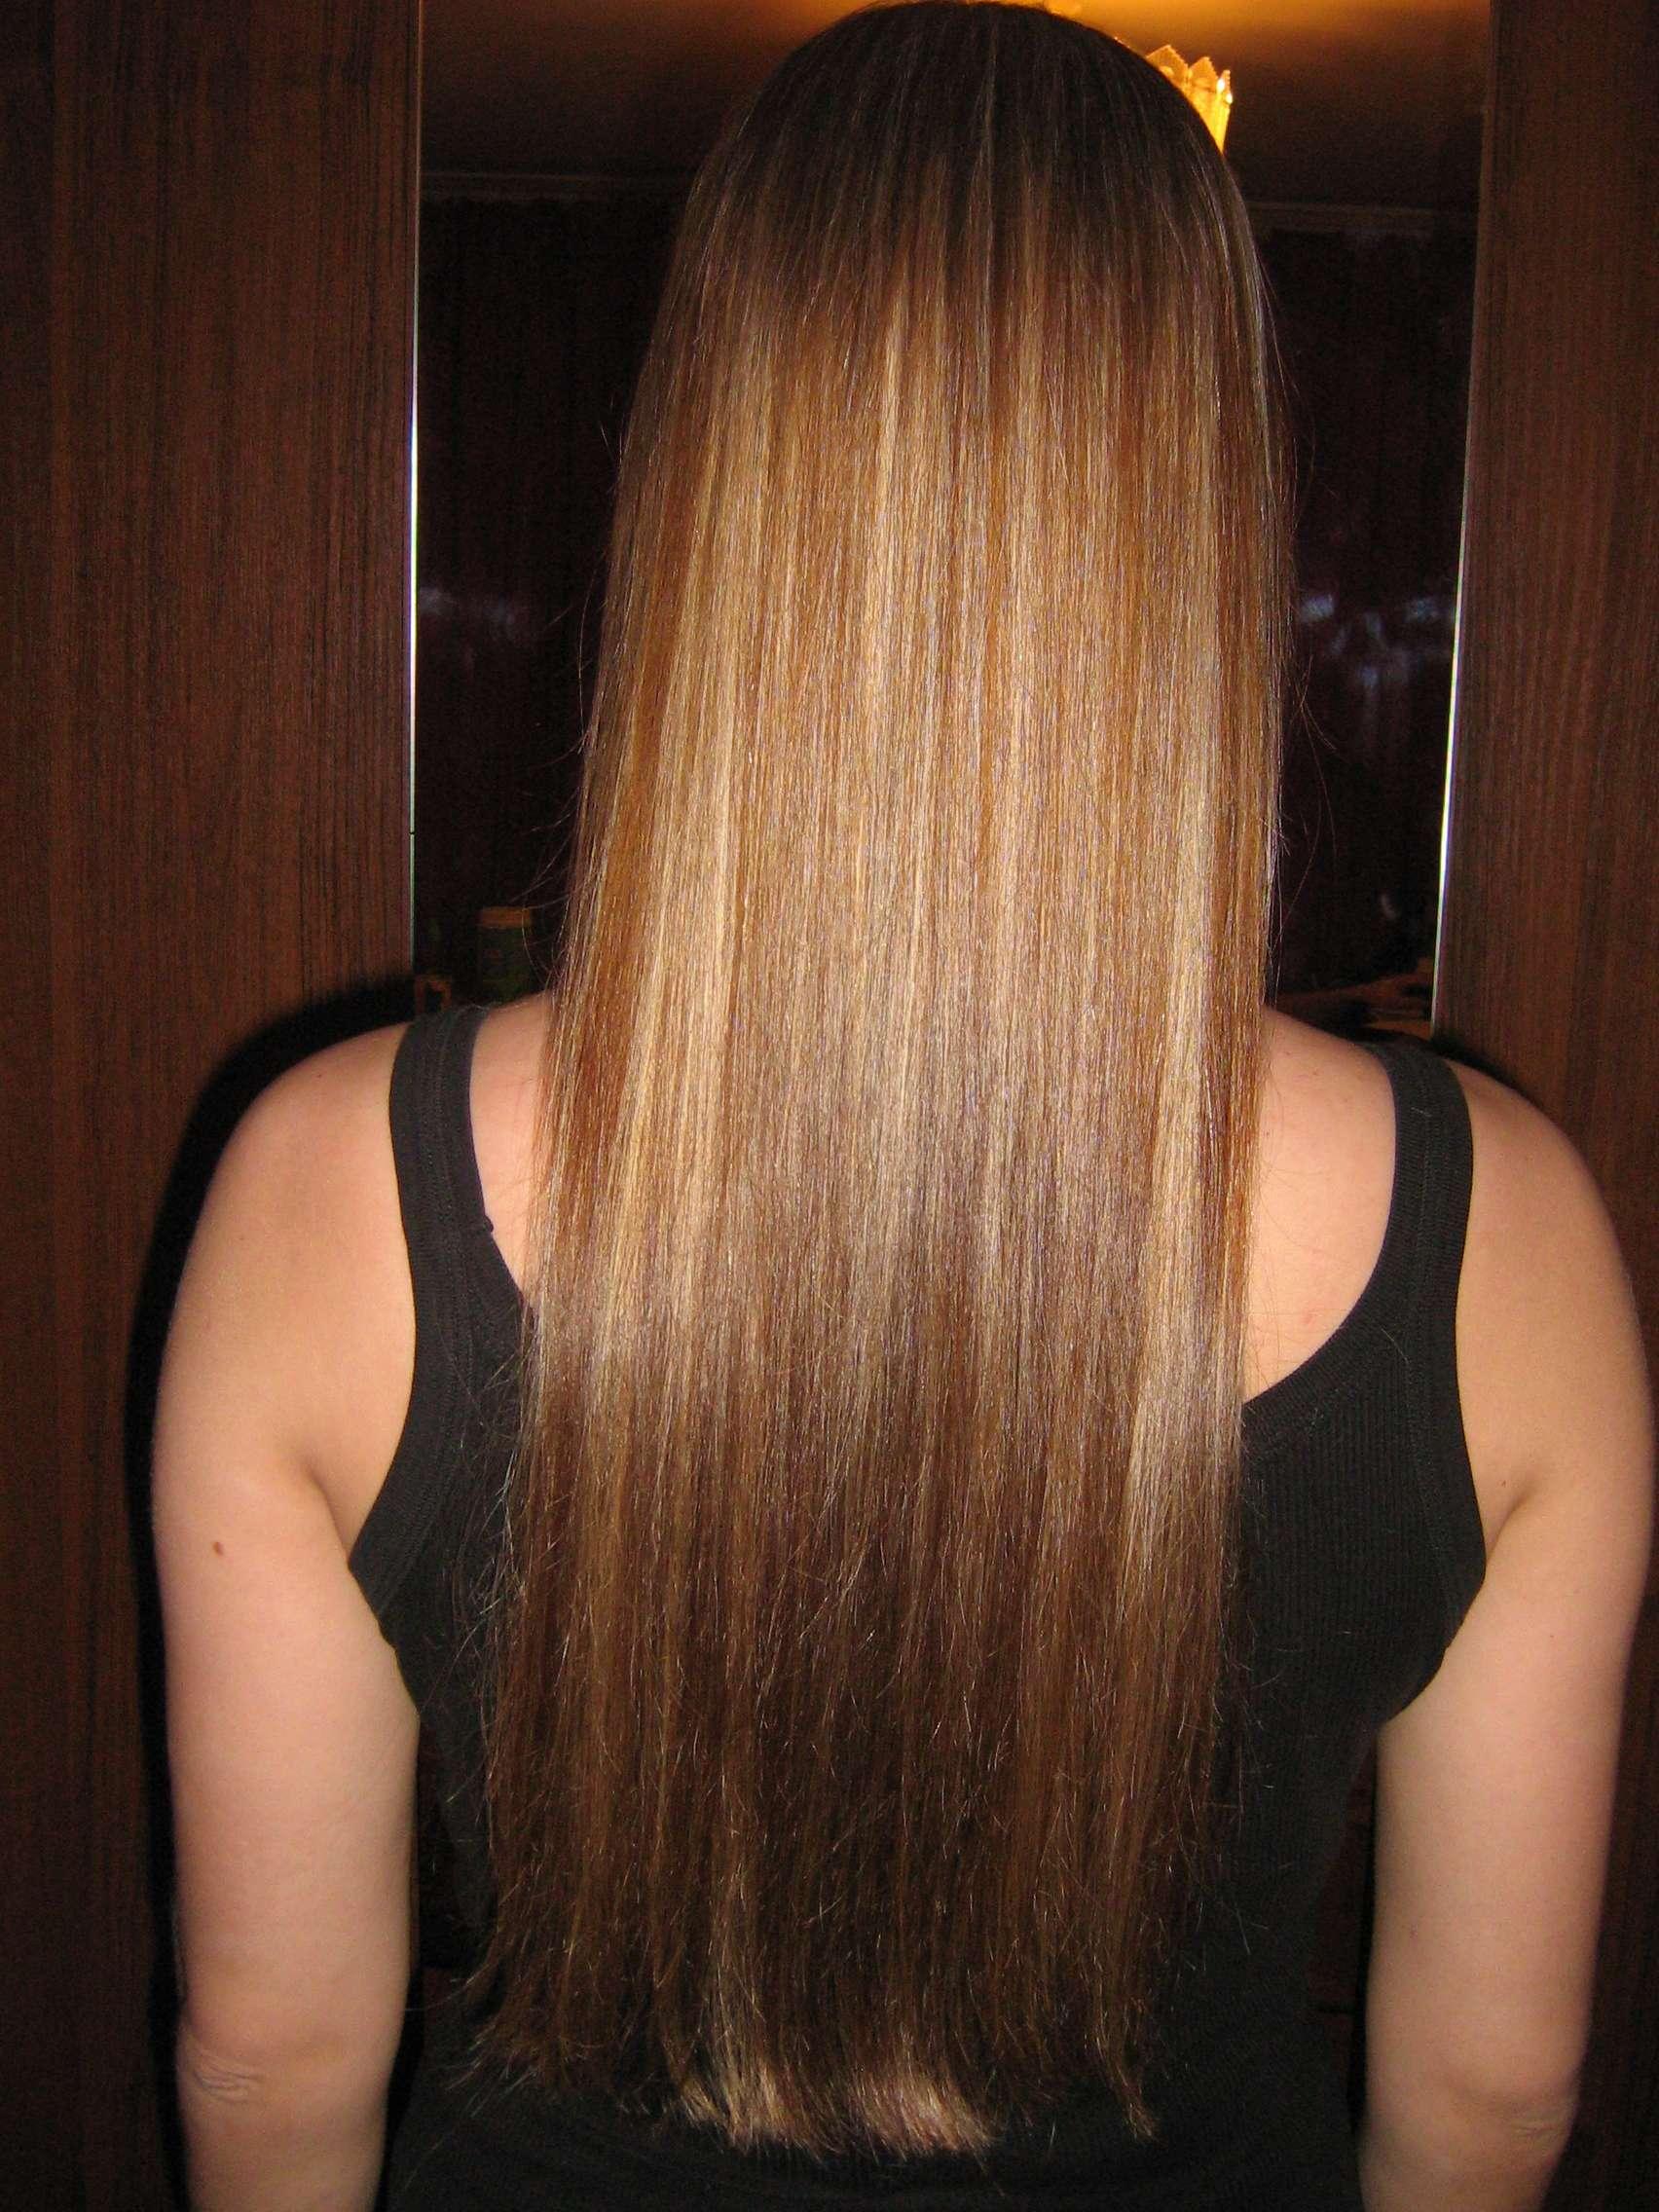 Как сделать смывку волос в домашних условиях от черного цвета волос